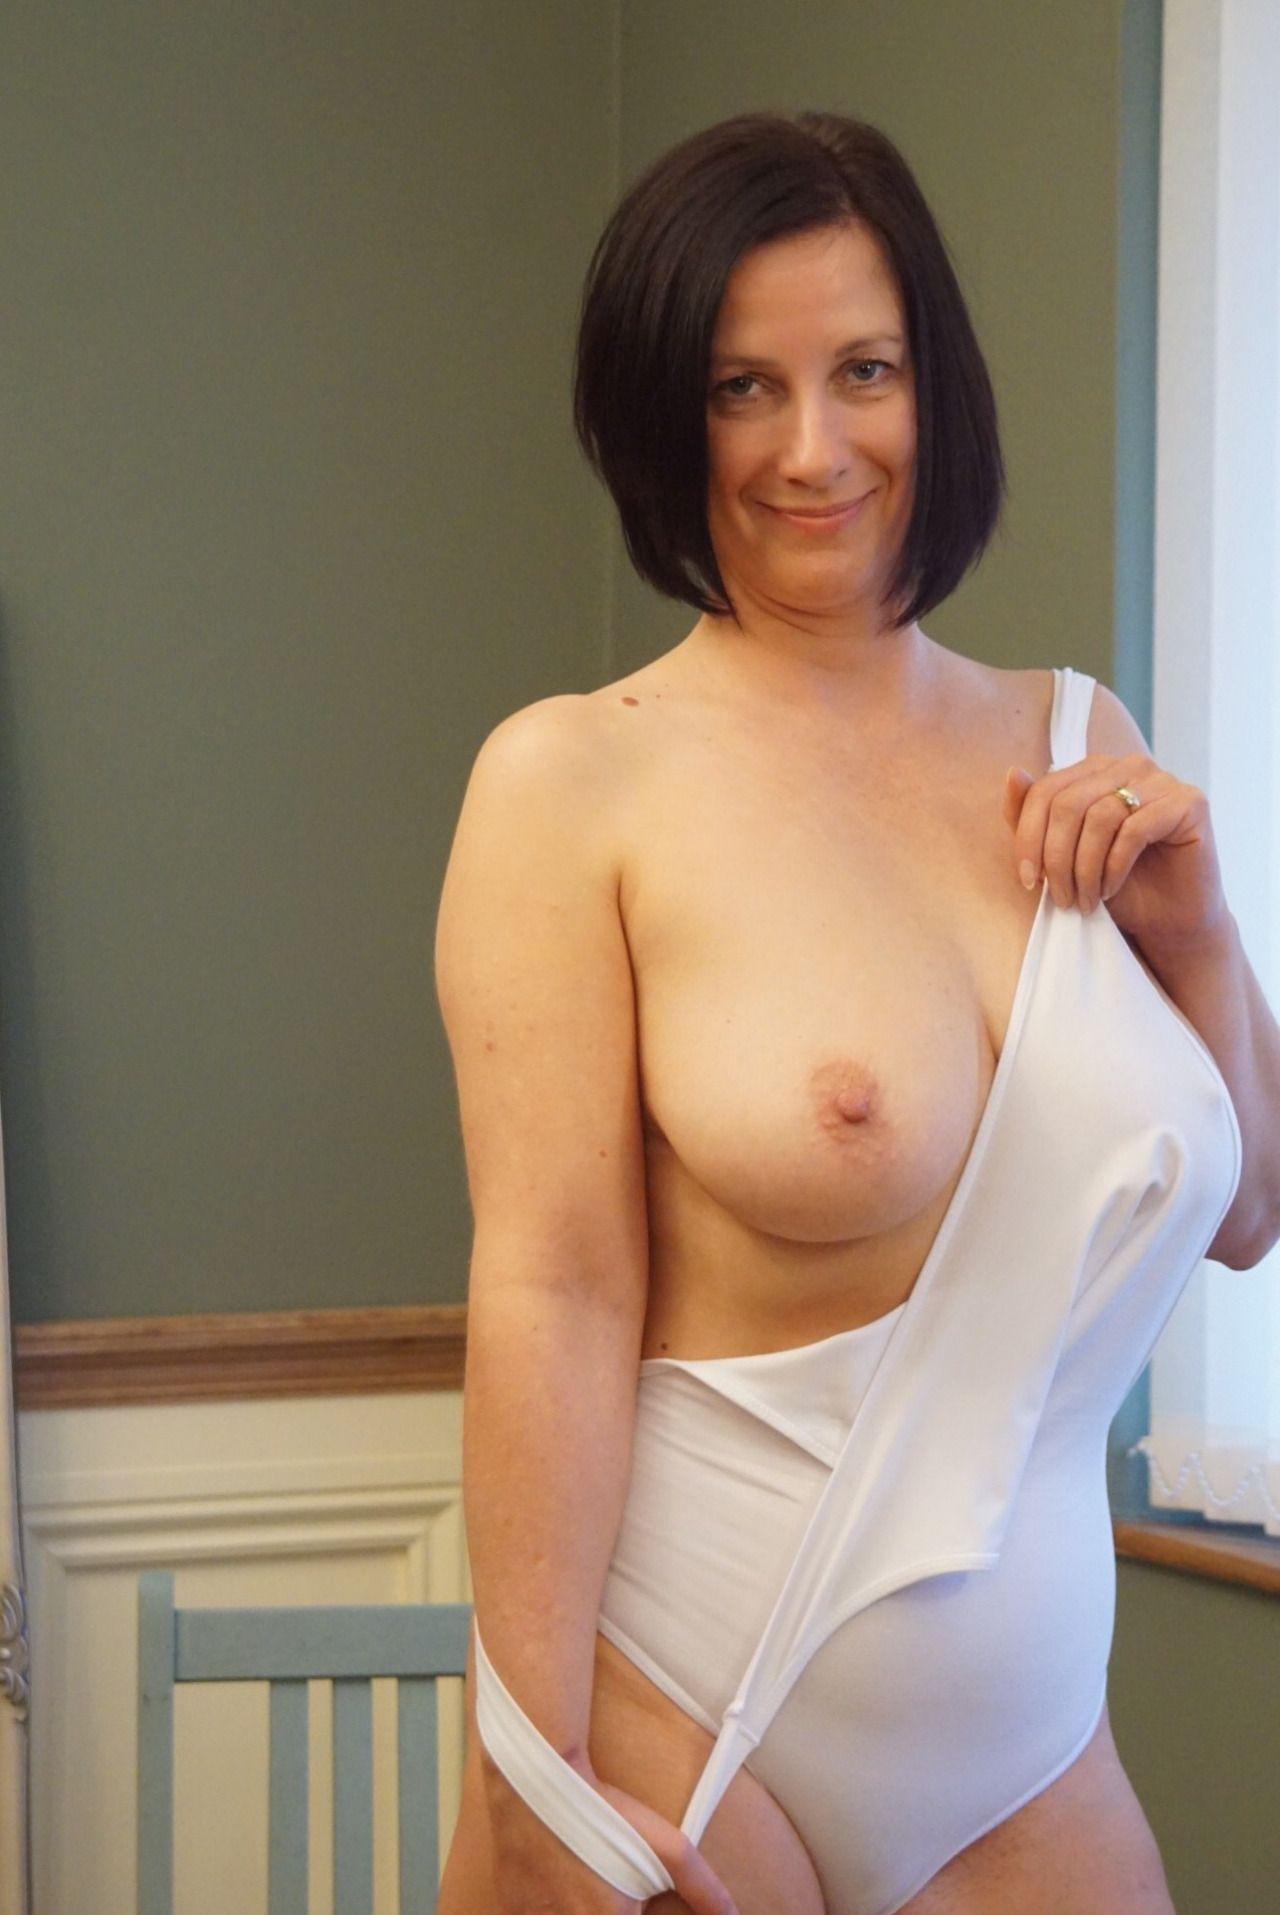 Milf wife big cock fuck video